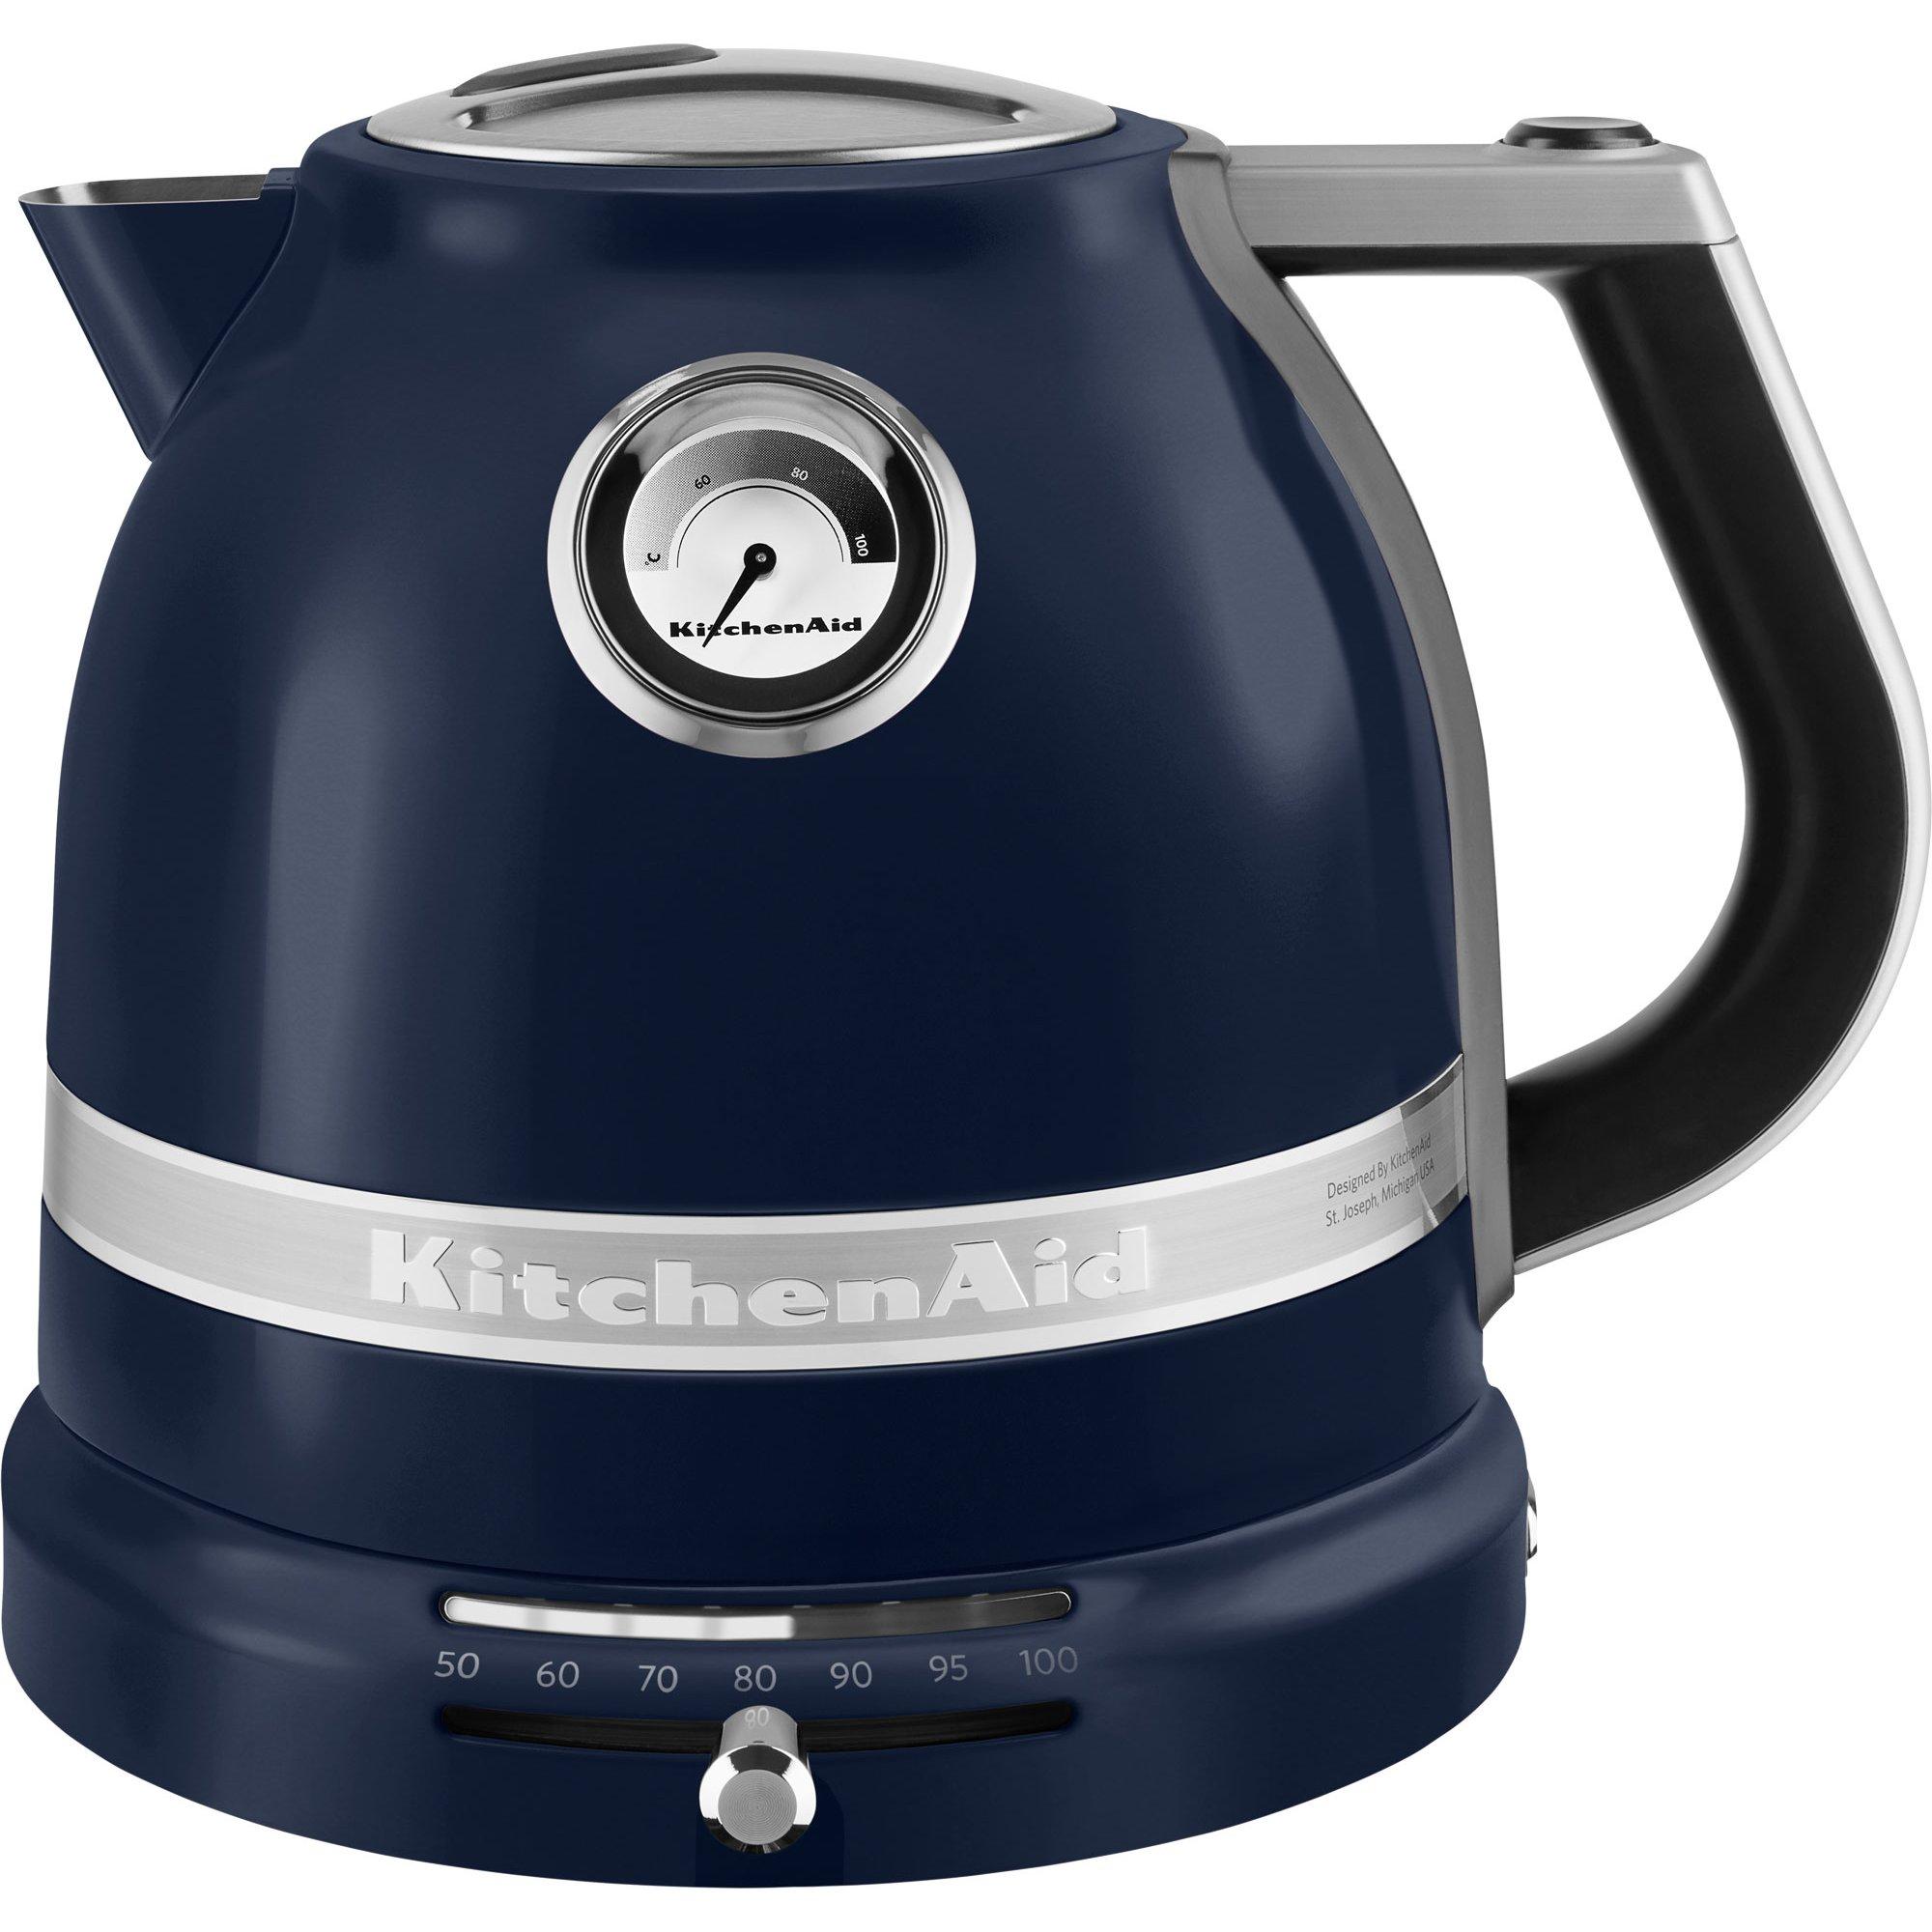 KitchenAid Artisan vattenkokare 15 L – ink blue